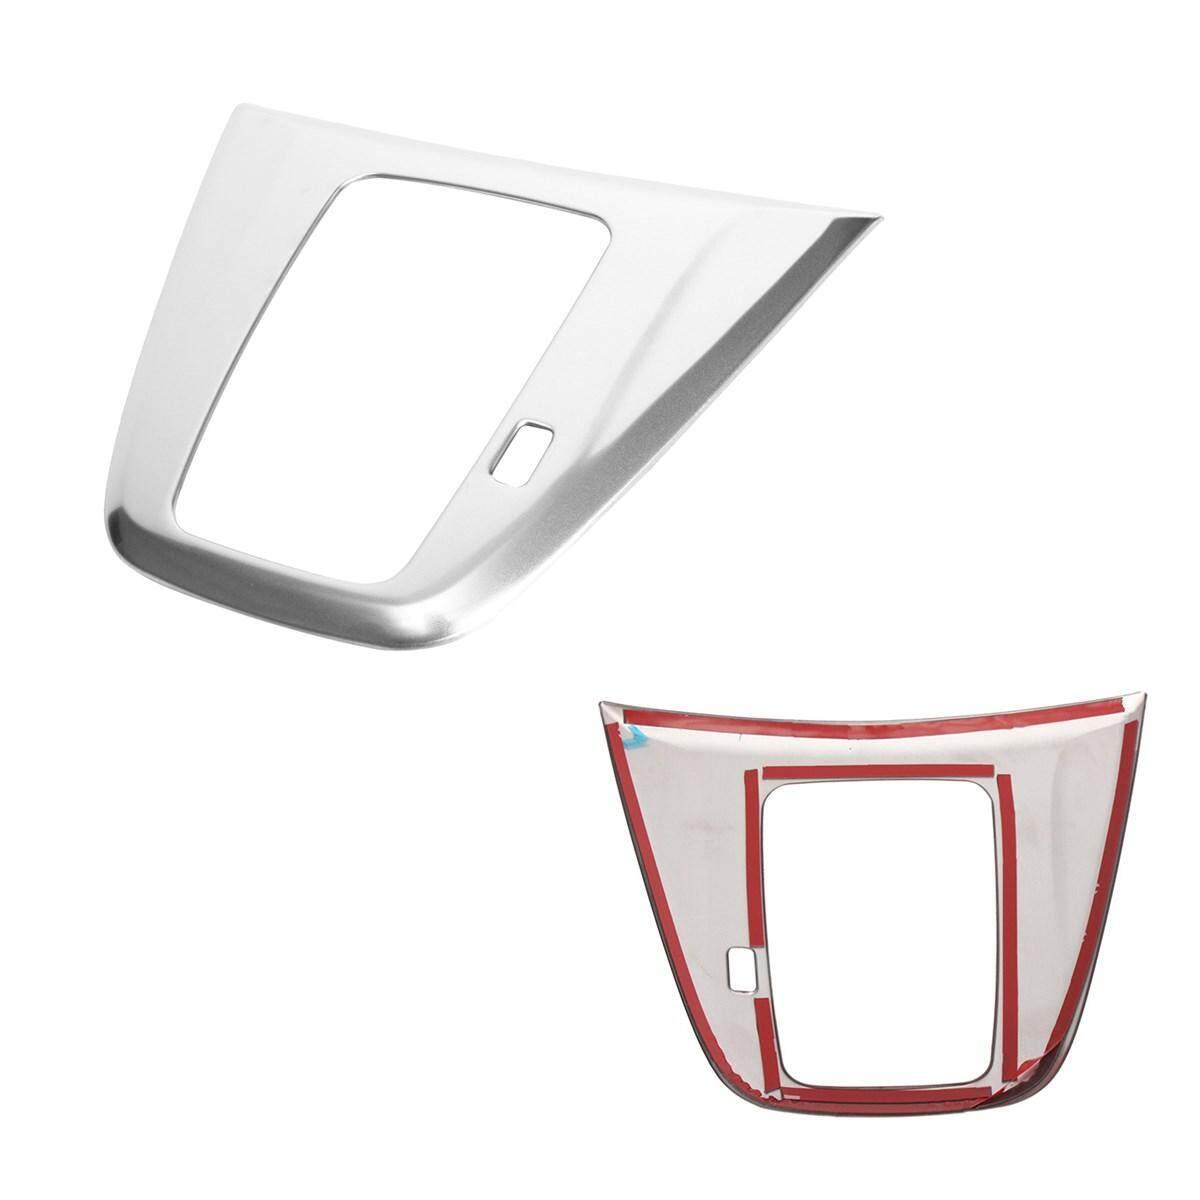 Chrome Matte Shift Gear Panel Trim Frame Cover Gar For Honda CR-V CRV 2012-2016